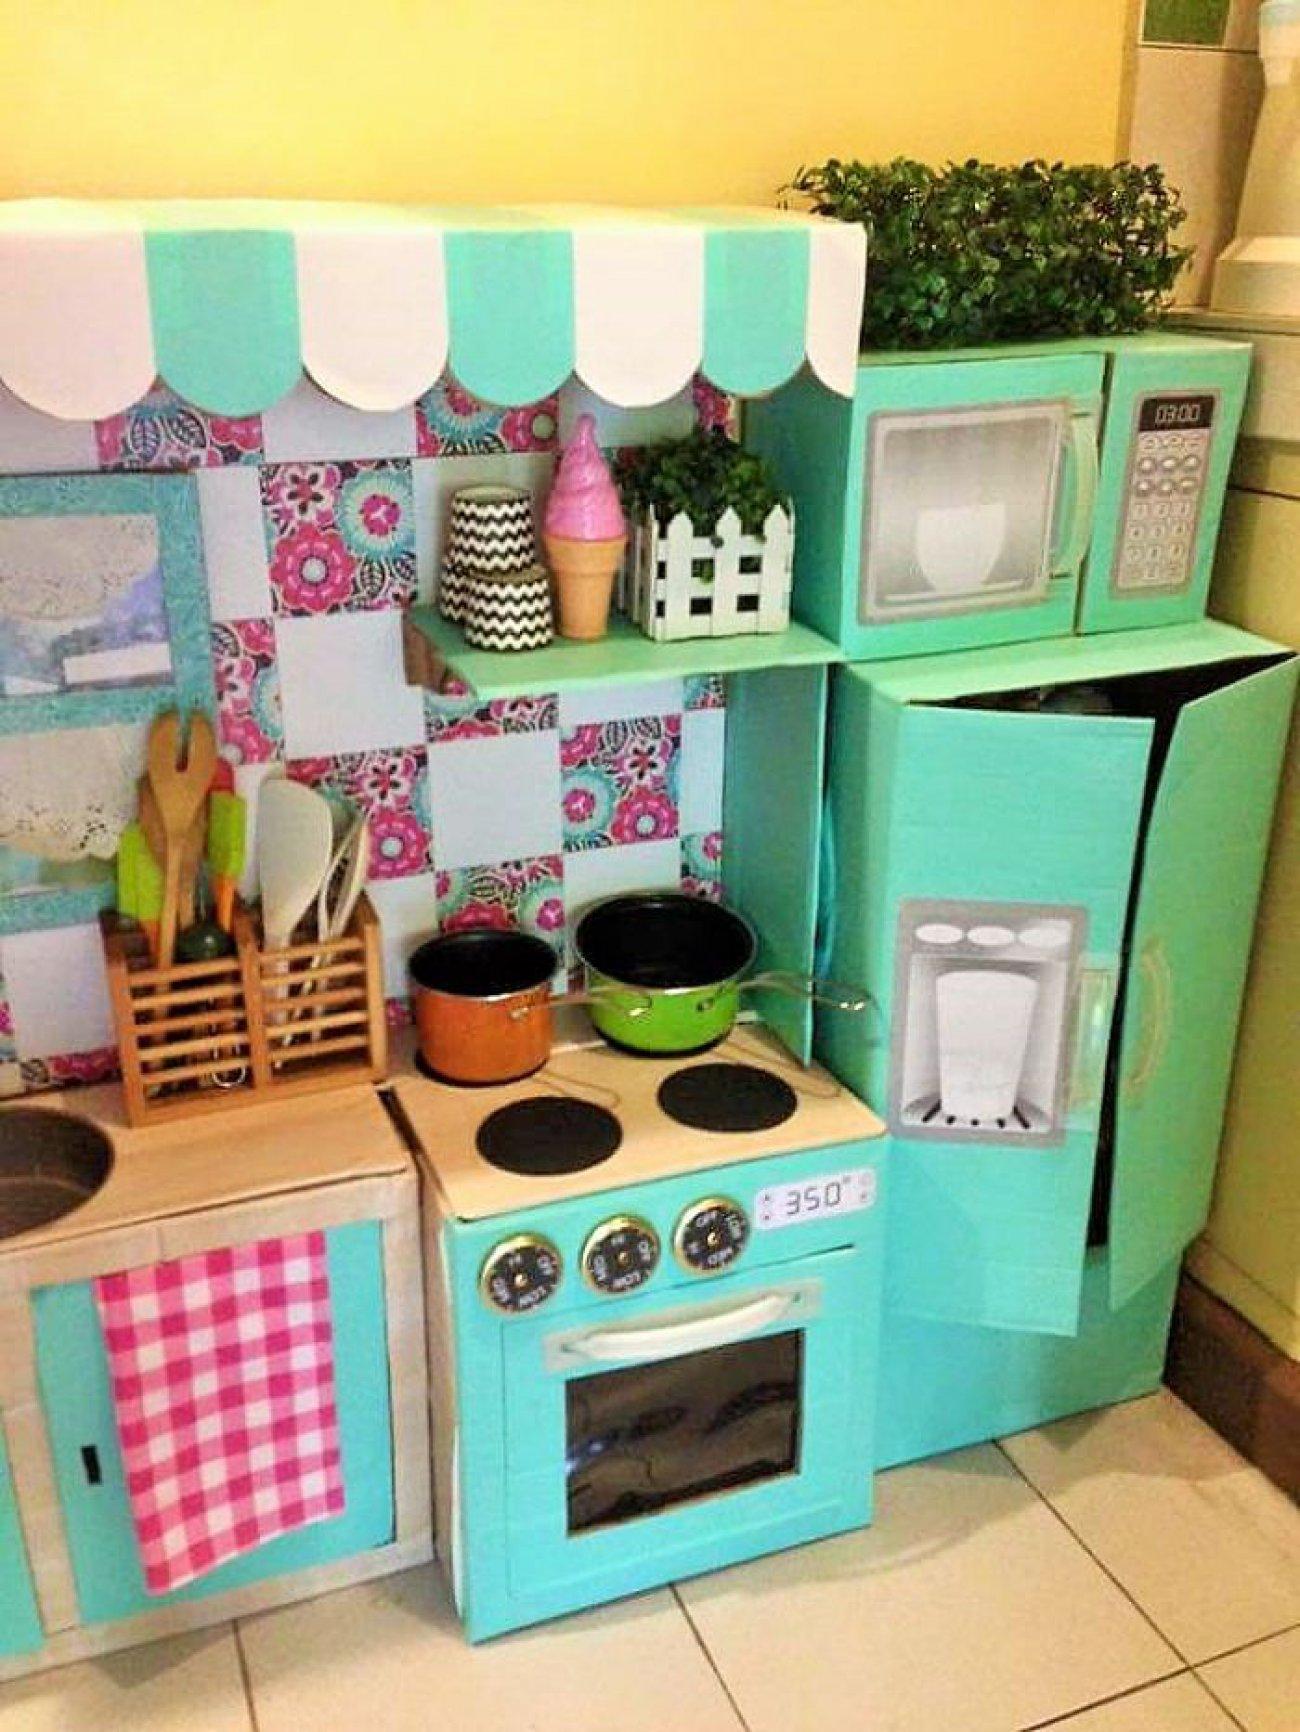 Mam cre una mini cocina con cajas de cart n recicladas - Material de cocina ...